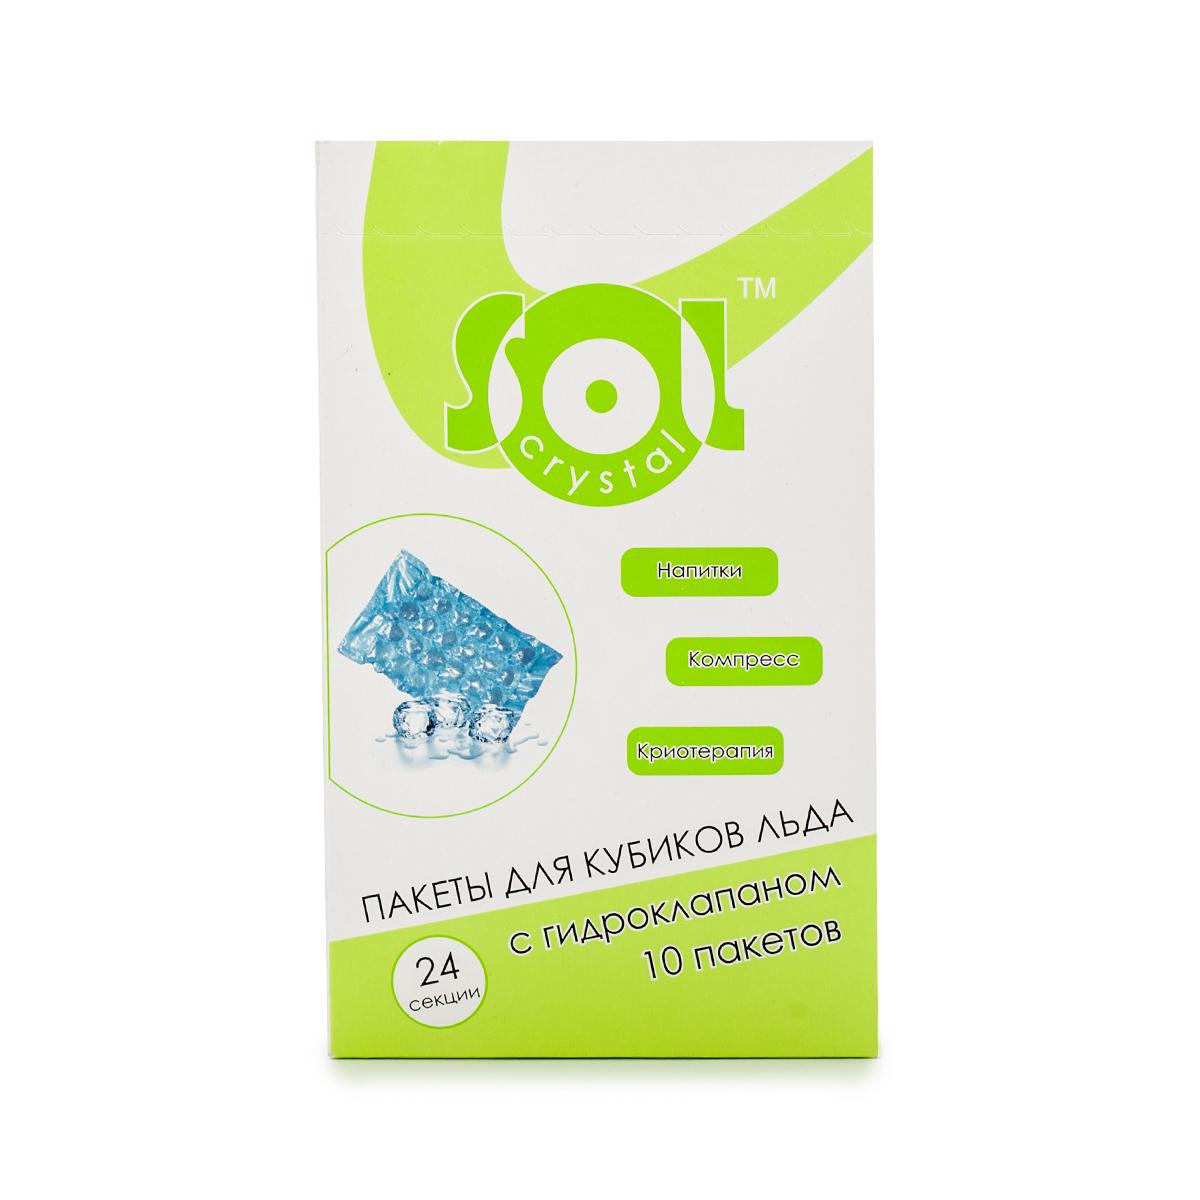 Пакеты для кубиков льда Sol Crystal, с гидроклапаном, 10 пакетов30002Самозакрывающиеся пакеты Sol Crystal, выполненные из пищевого полиэтилена, предназначены для замораживания кубиков льда для различных напитков, а также могут быть использованы в косметических целях для замораживания отваров трав и для холодного компресса. Пакеты не пропускают запахи из холодильника и легки в использовании. Количество ячеек для льда в одном пакете: 24 шт. Размеры одного пакета: 350 х 200 мм. Комплектация: 10 пакетов.